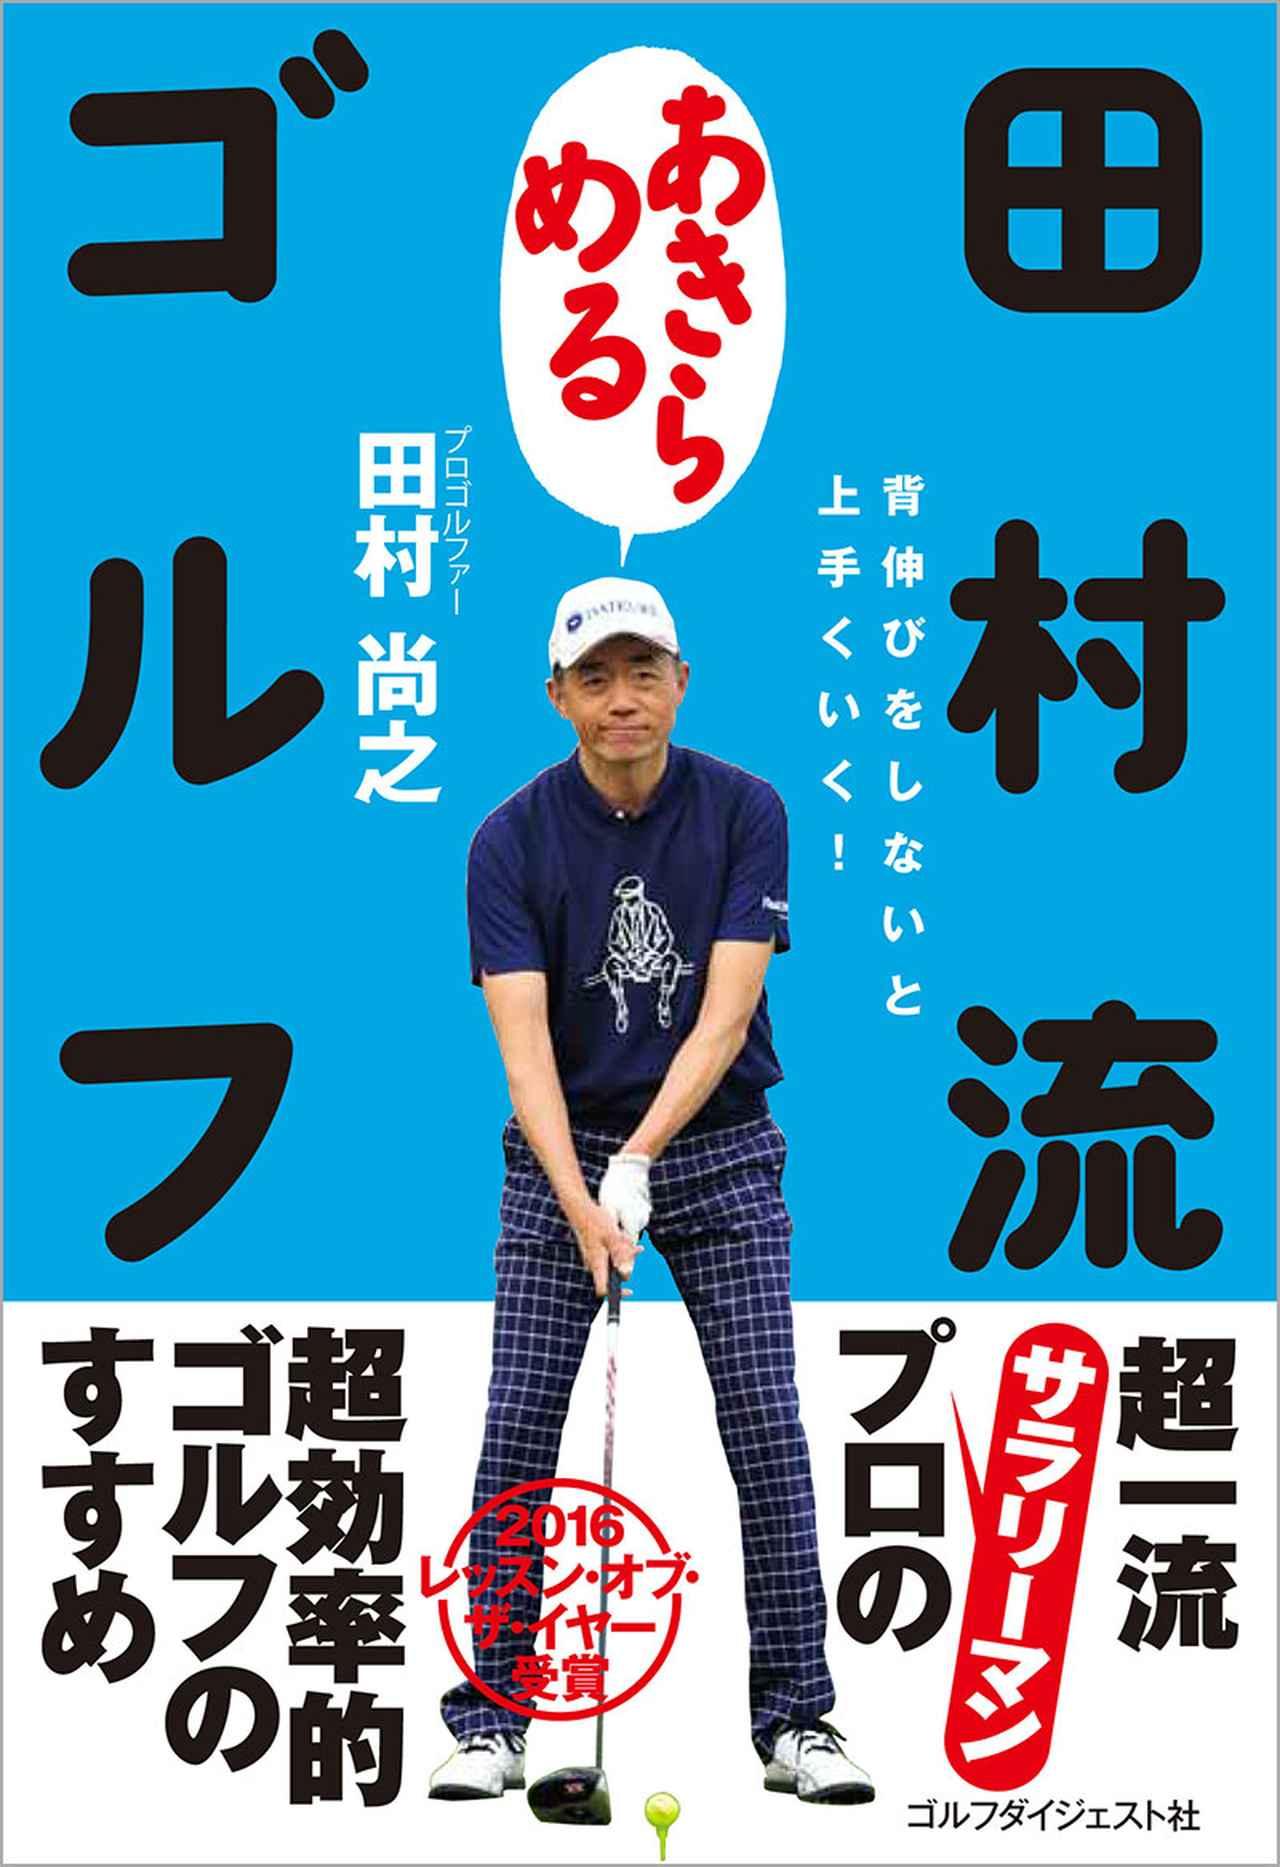 画像: 田村流「あきらめる」ゴルフ-ゴルフダイジェスト公式通販サイト「ゴルフポケット」